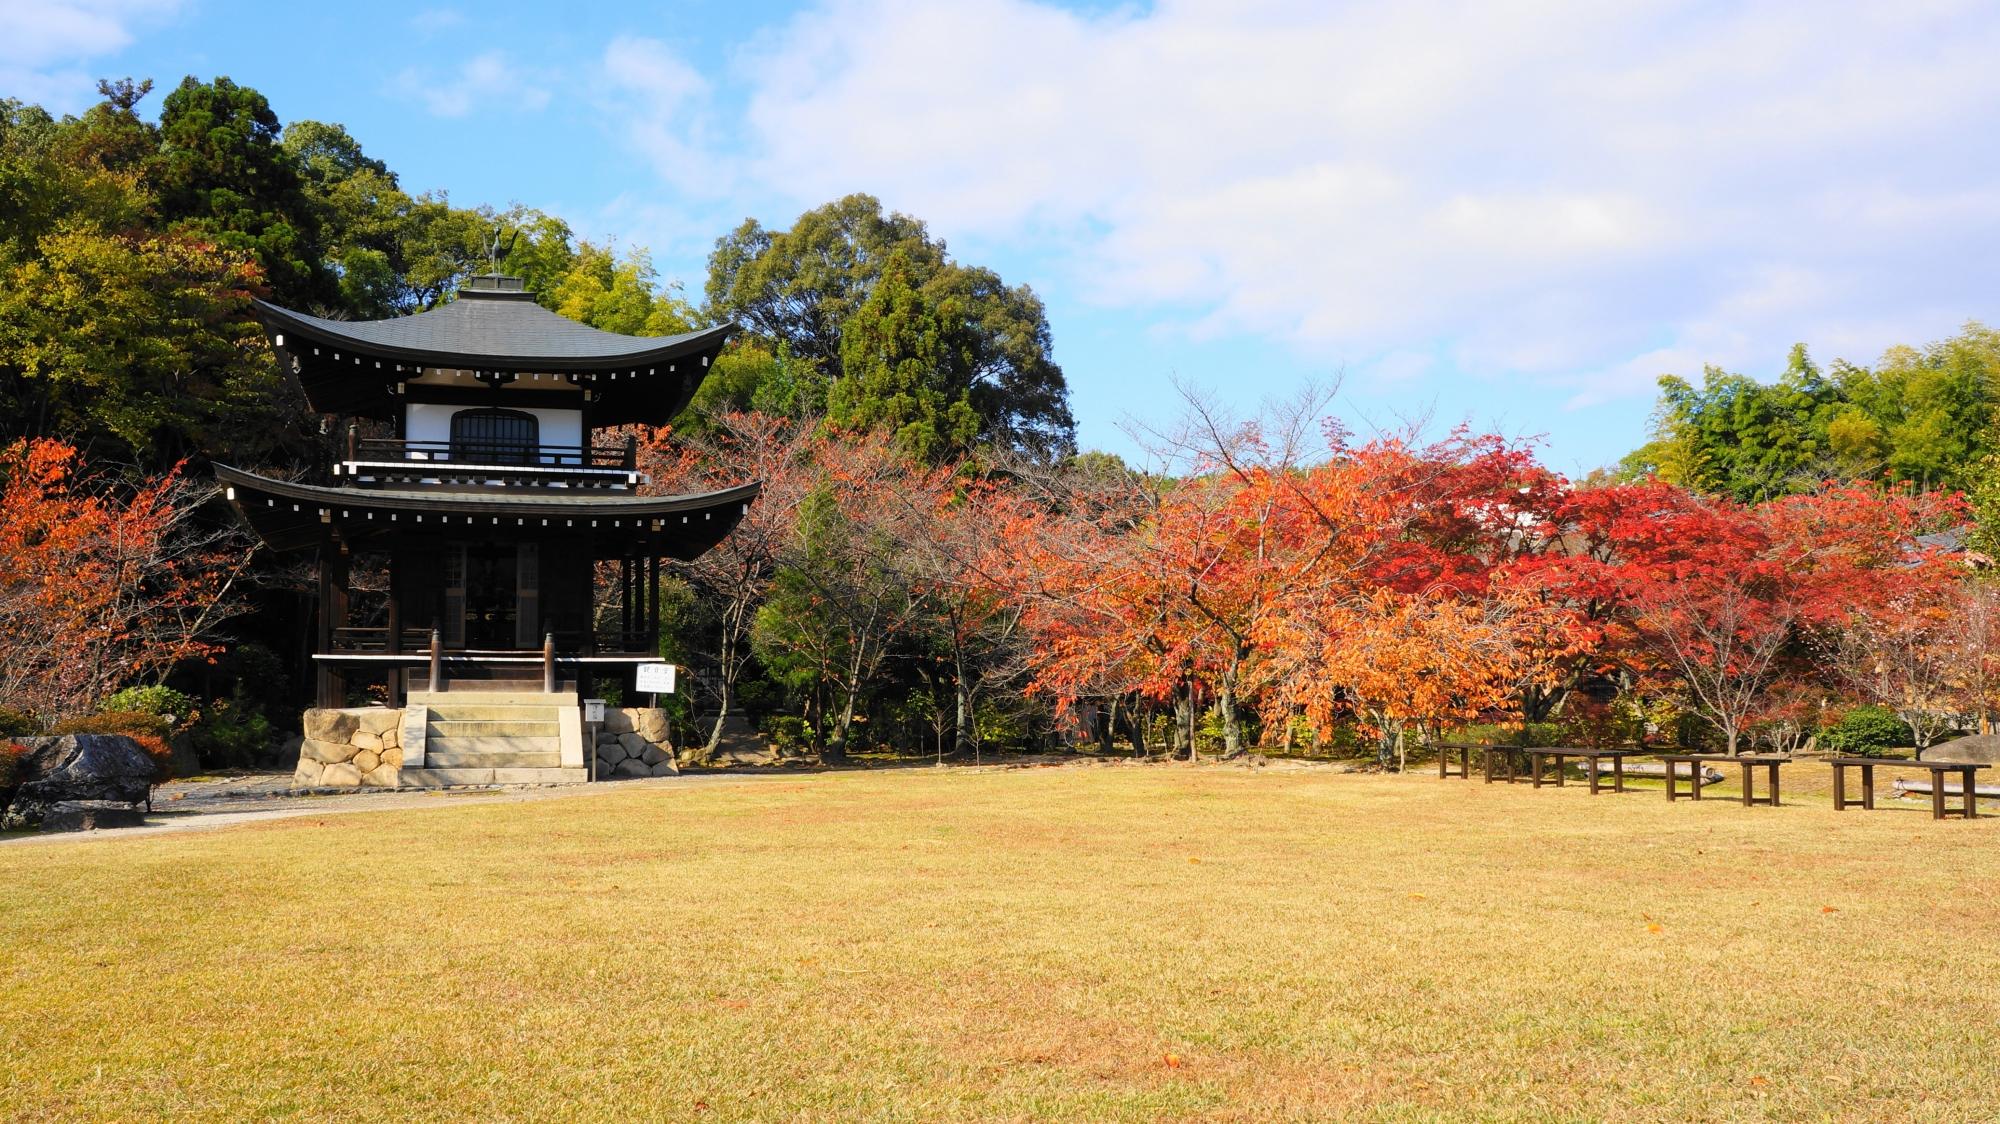 勧修寺の観音堂と紅葉